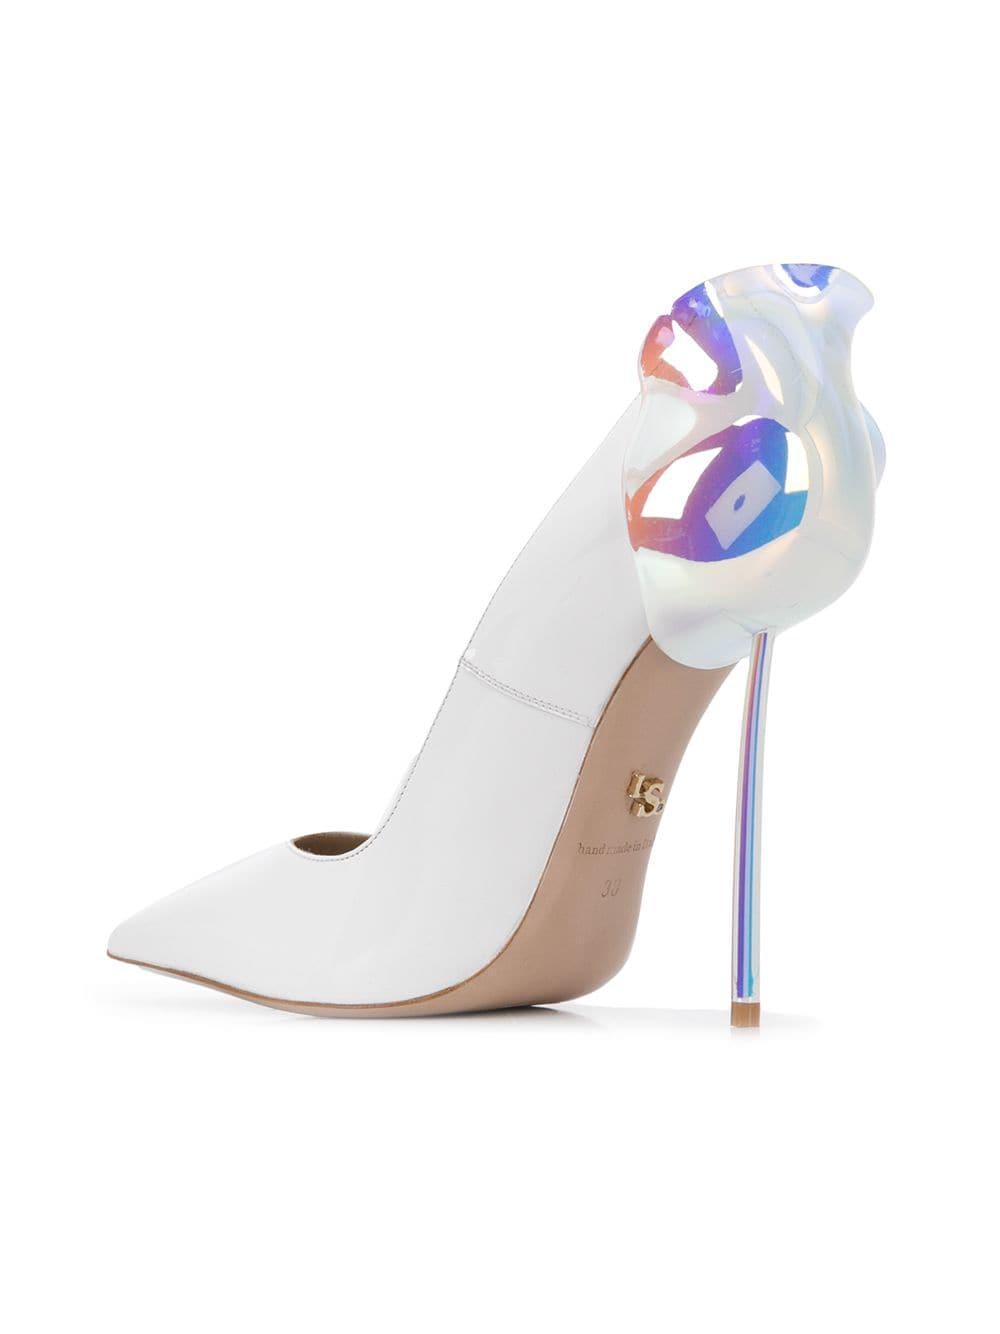 f2a1630726d2 Le Silla Holographic Petalo Pumps in White - Lyst